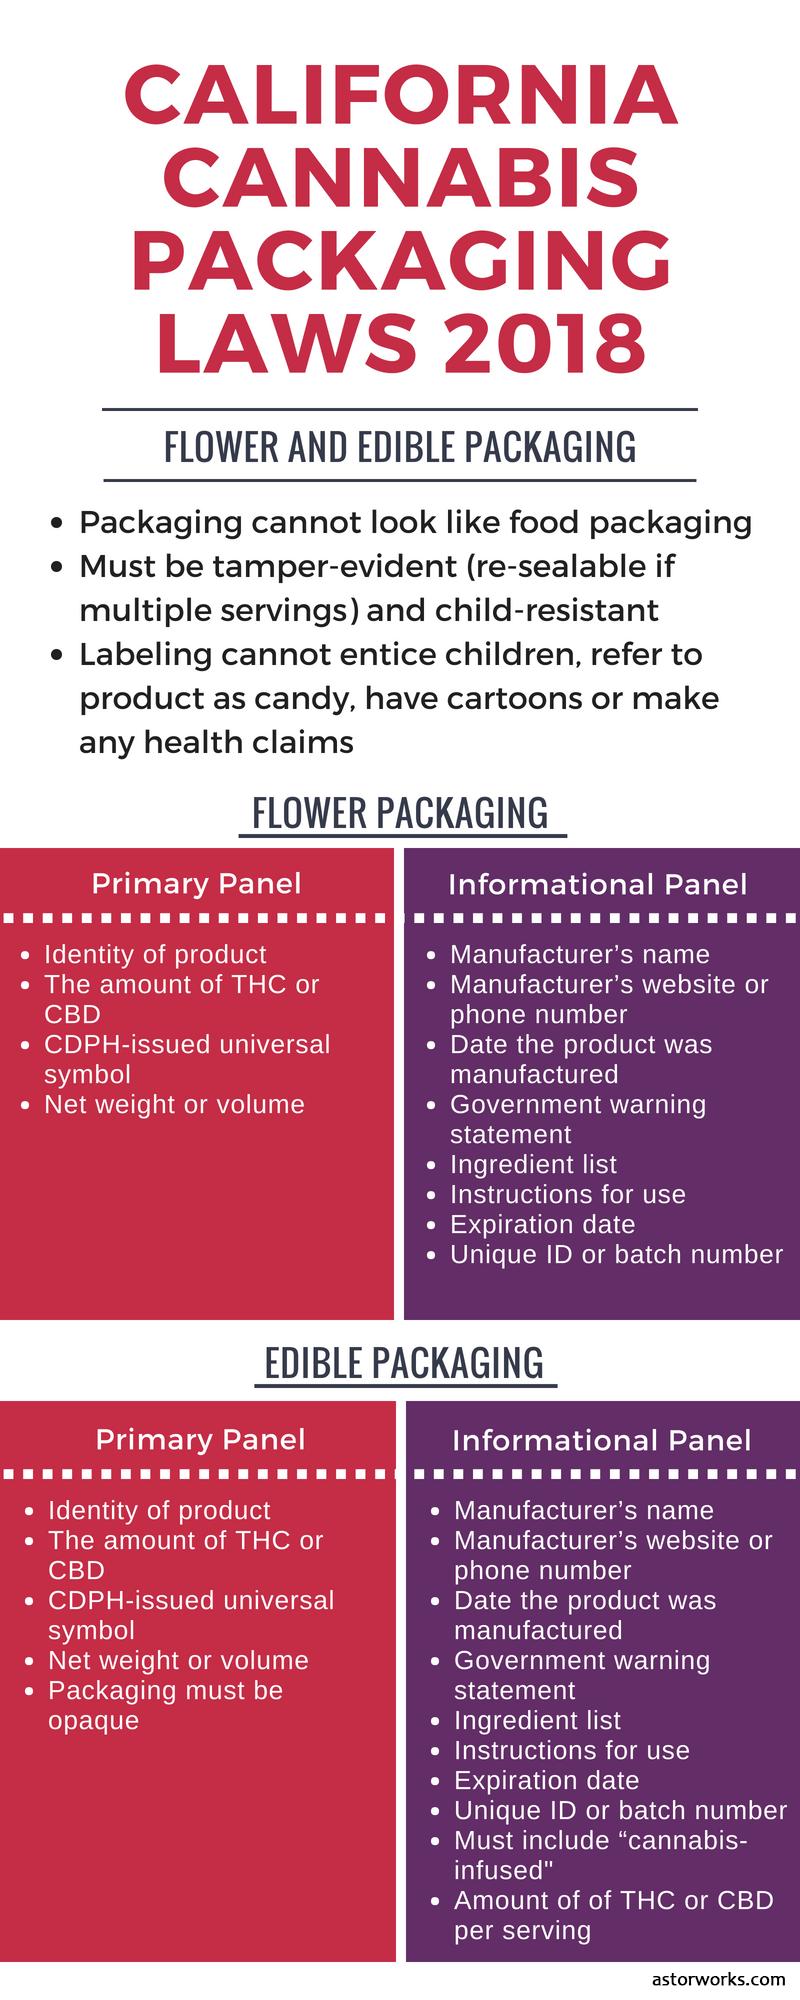 California cannabis packaging laws 2018